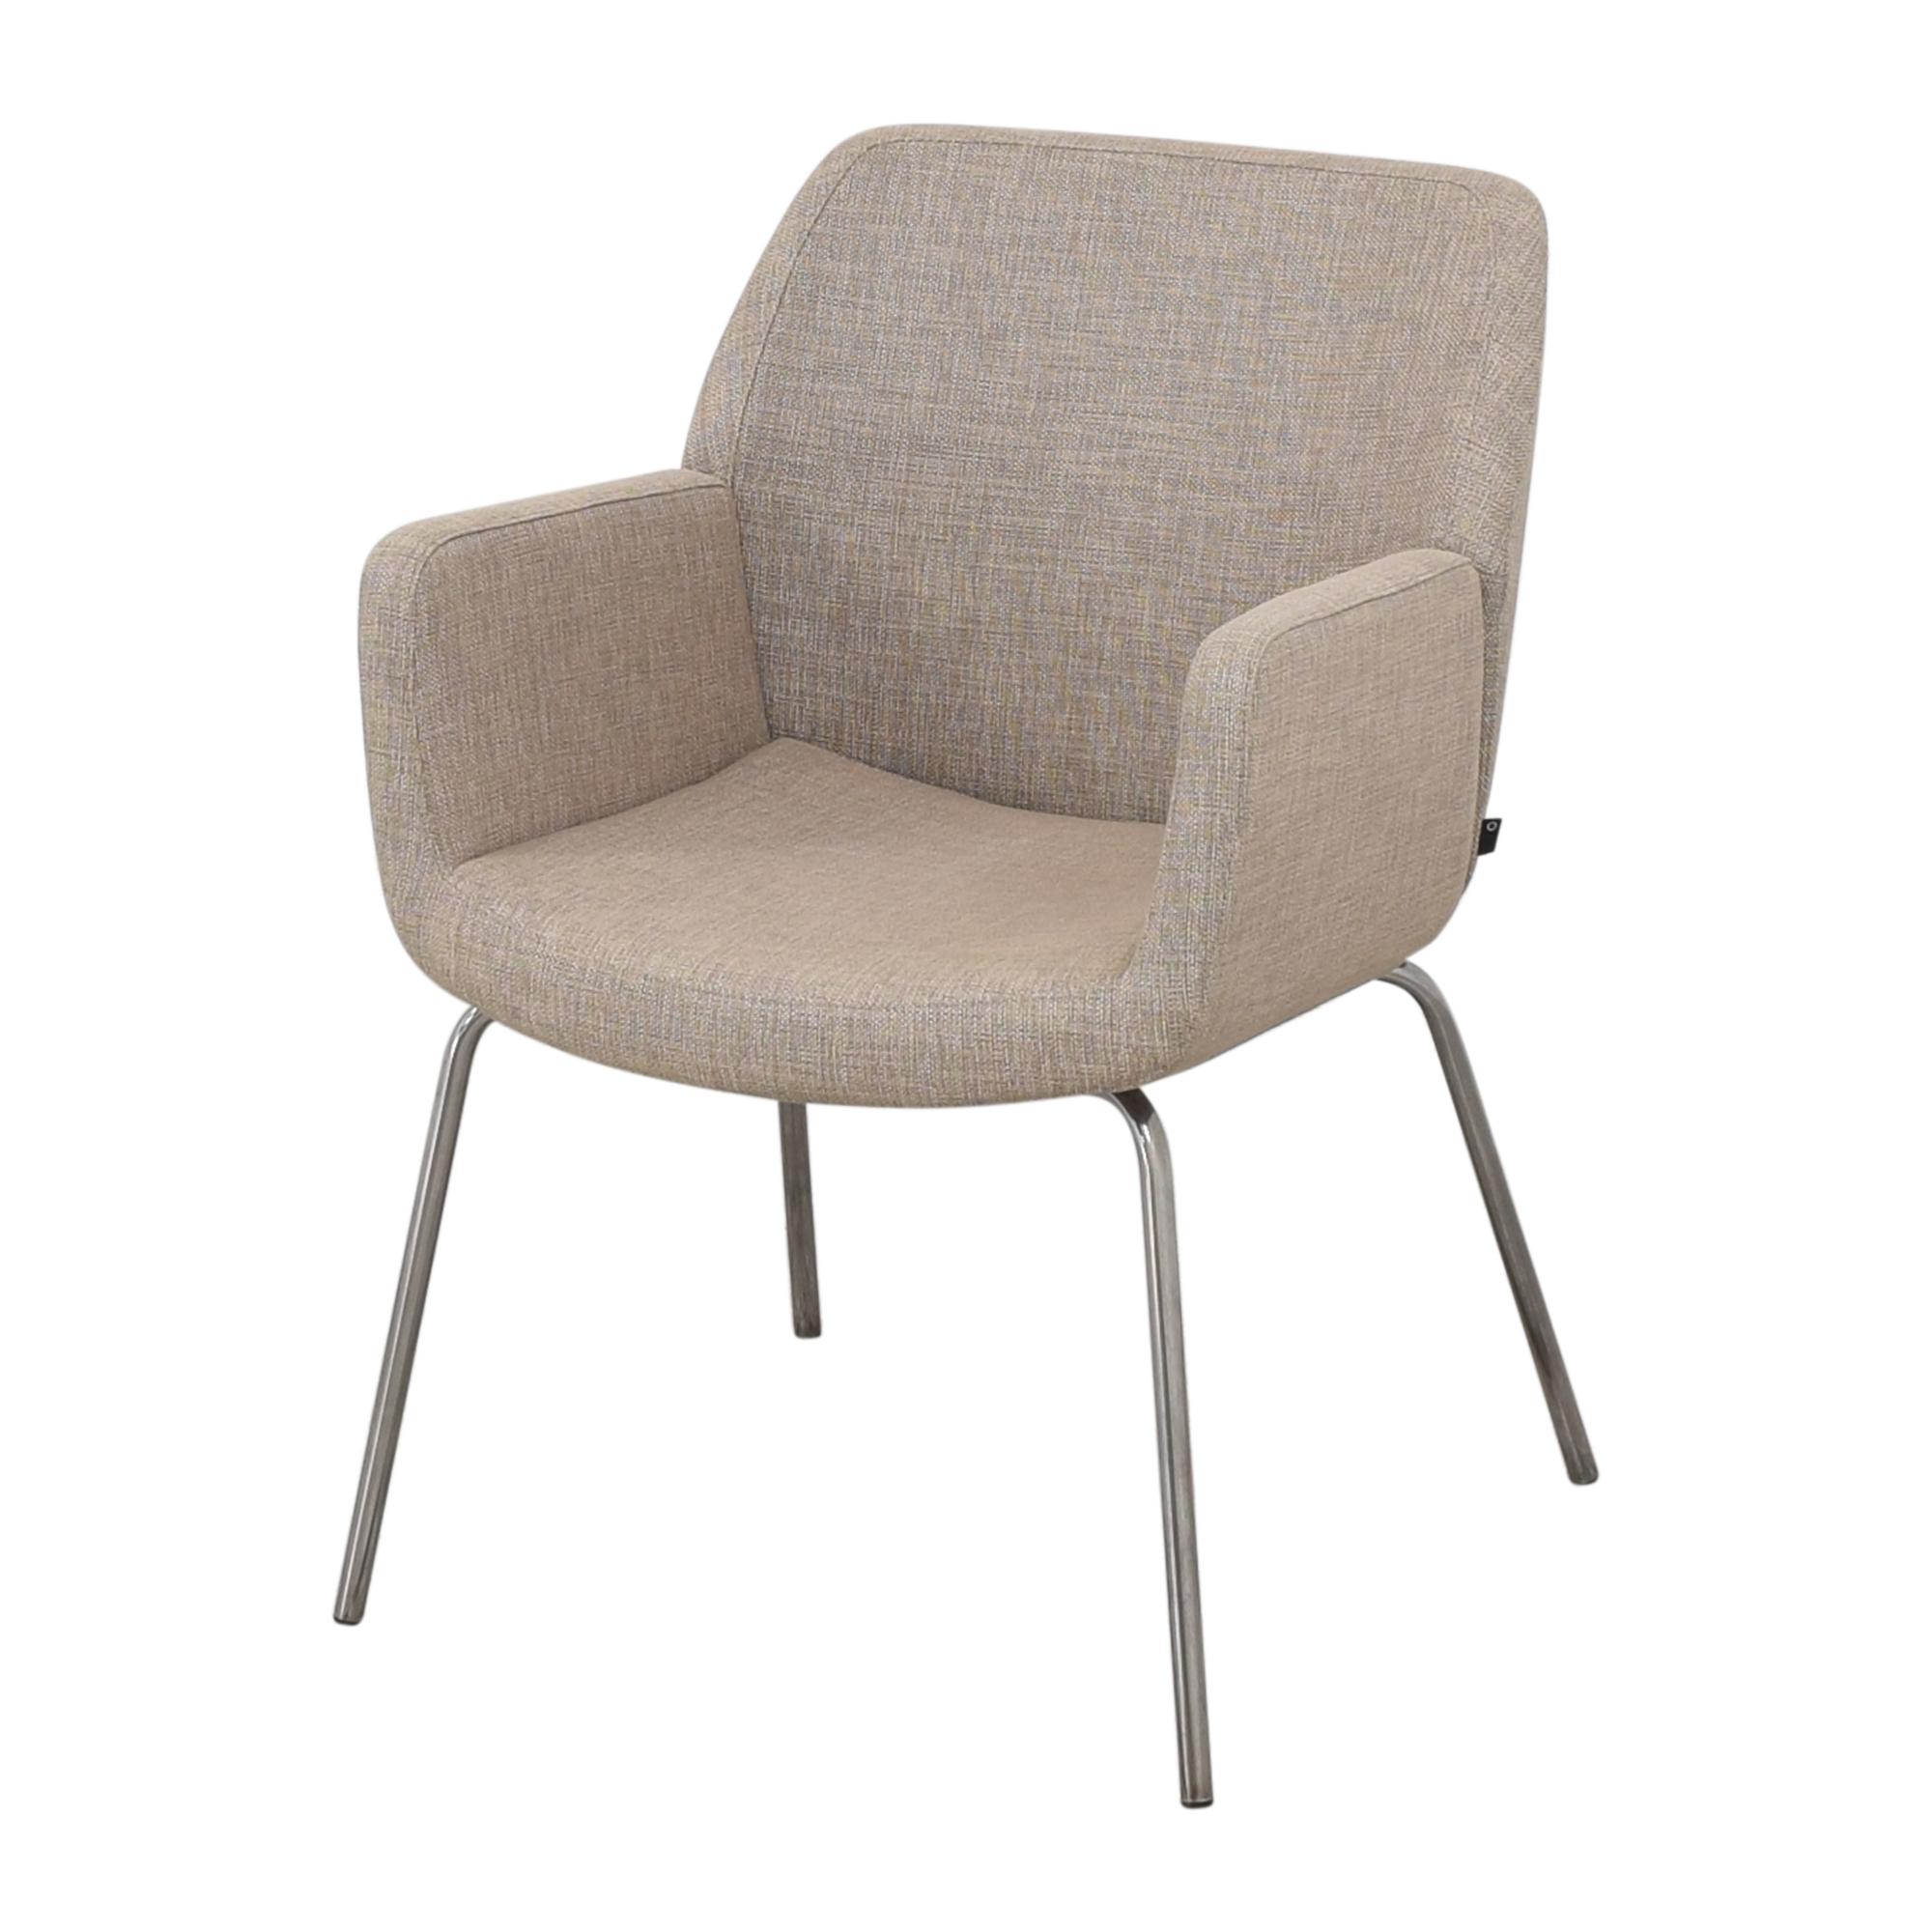 Steelcase Steelcase Coalesse Bindu Side Chair dimensions